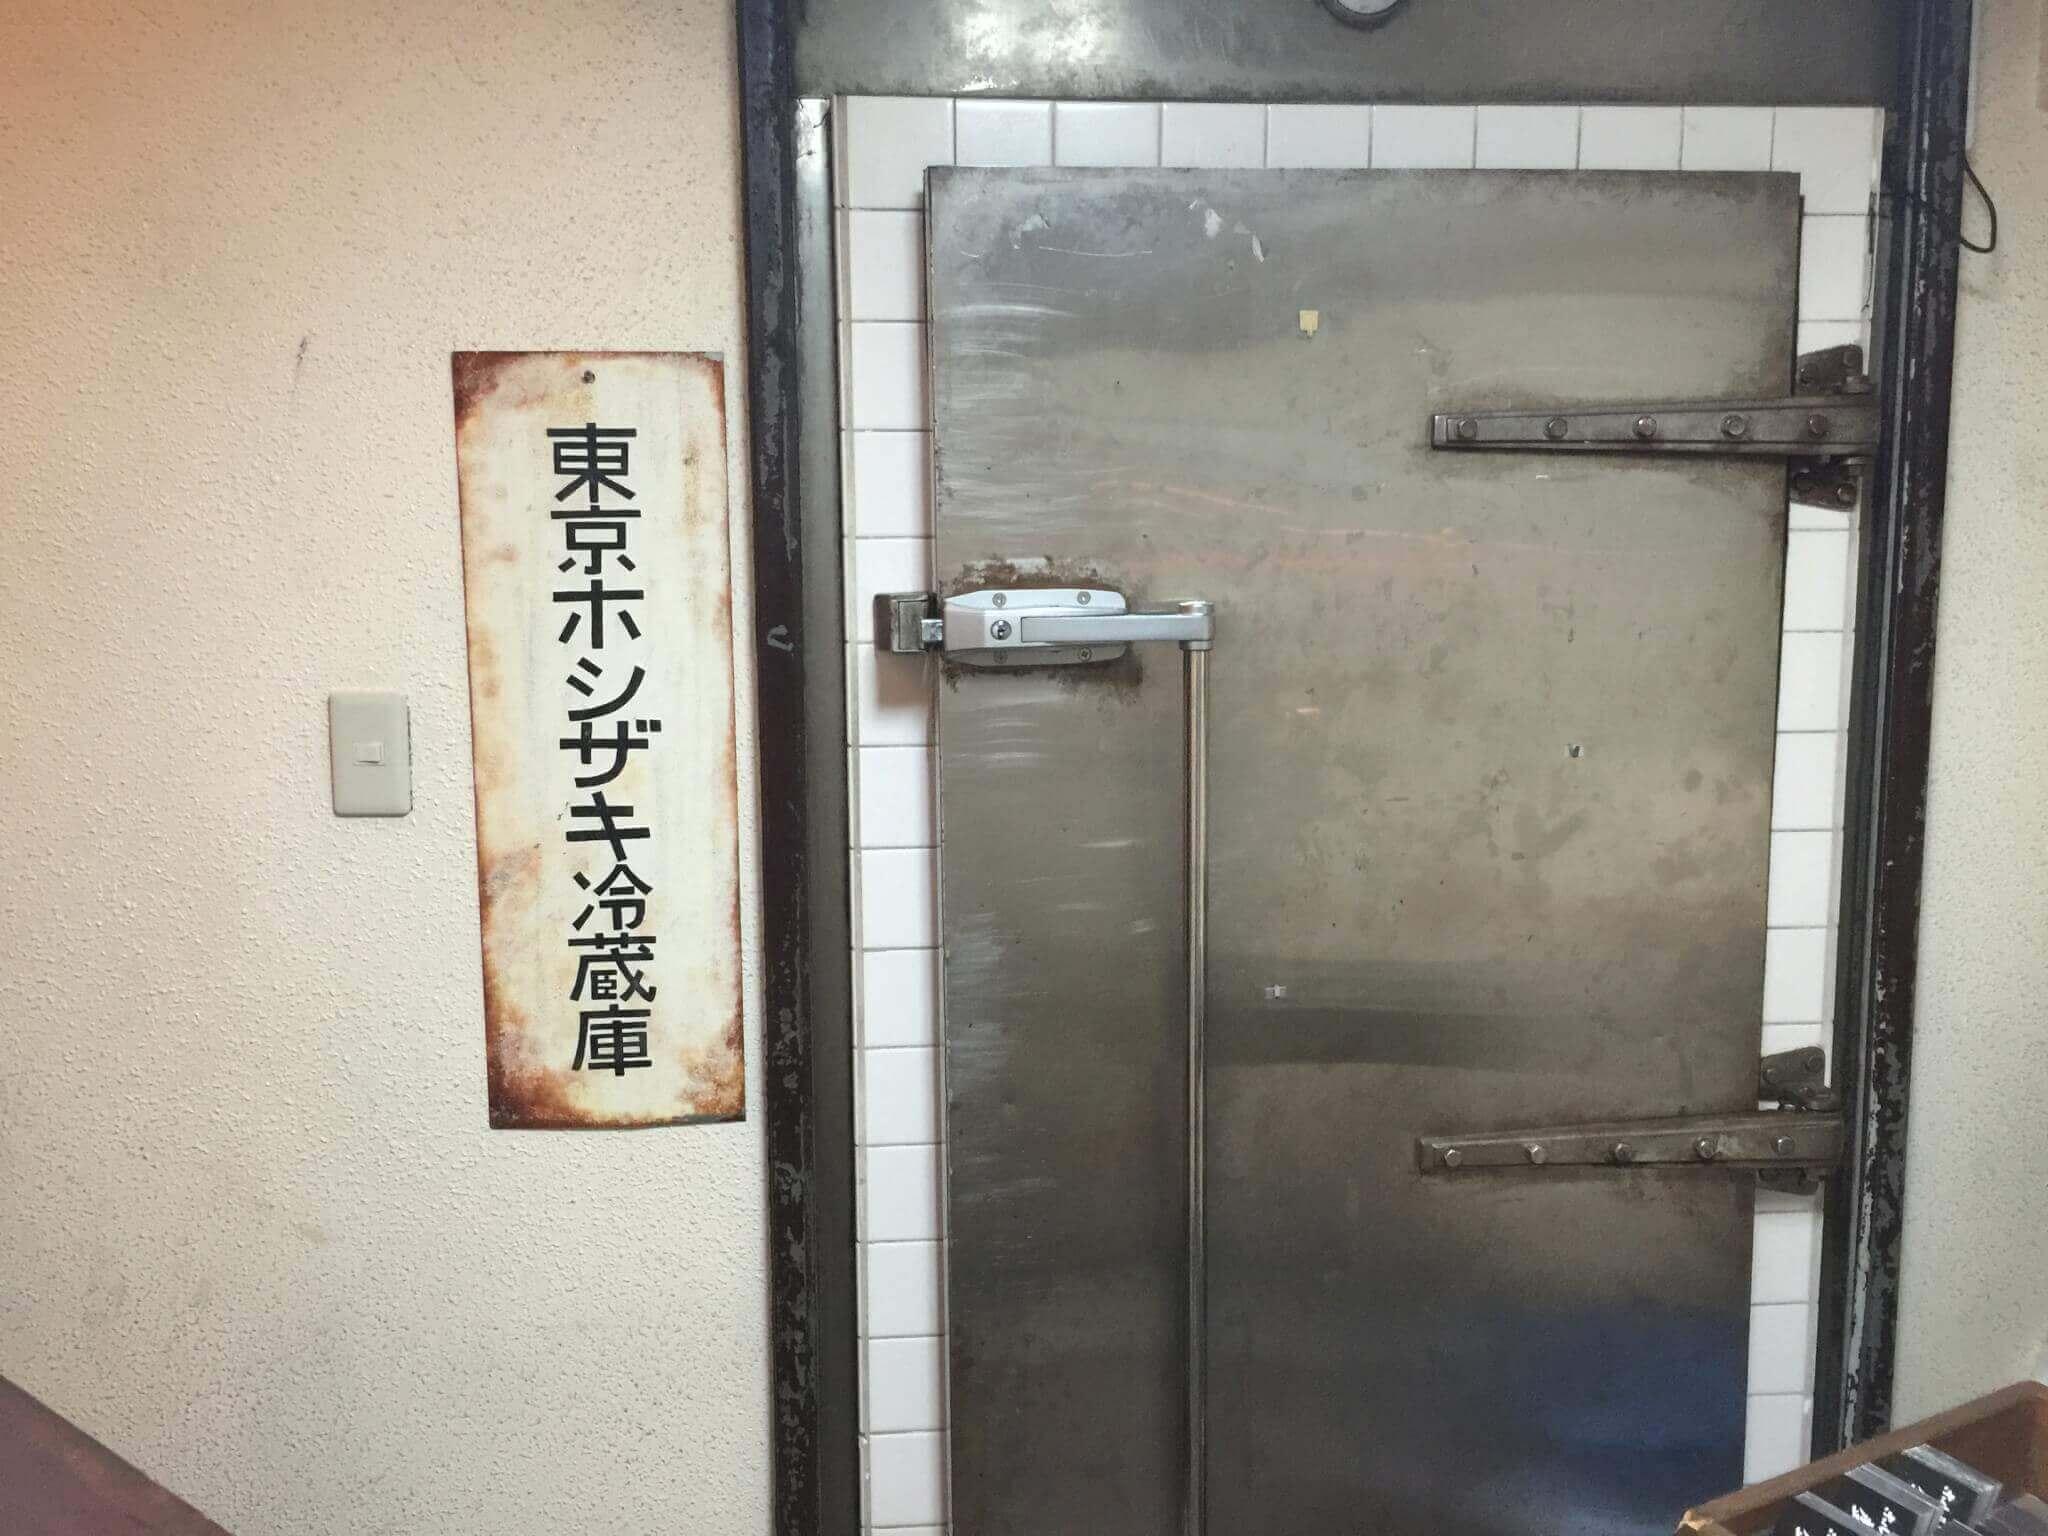 新宿もつ鍋・盛岡五郎のお店の入り口